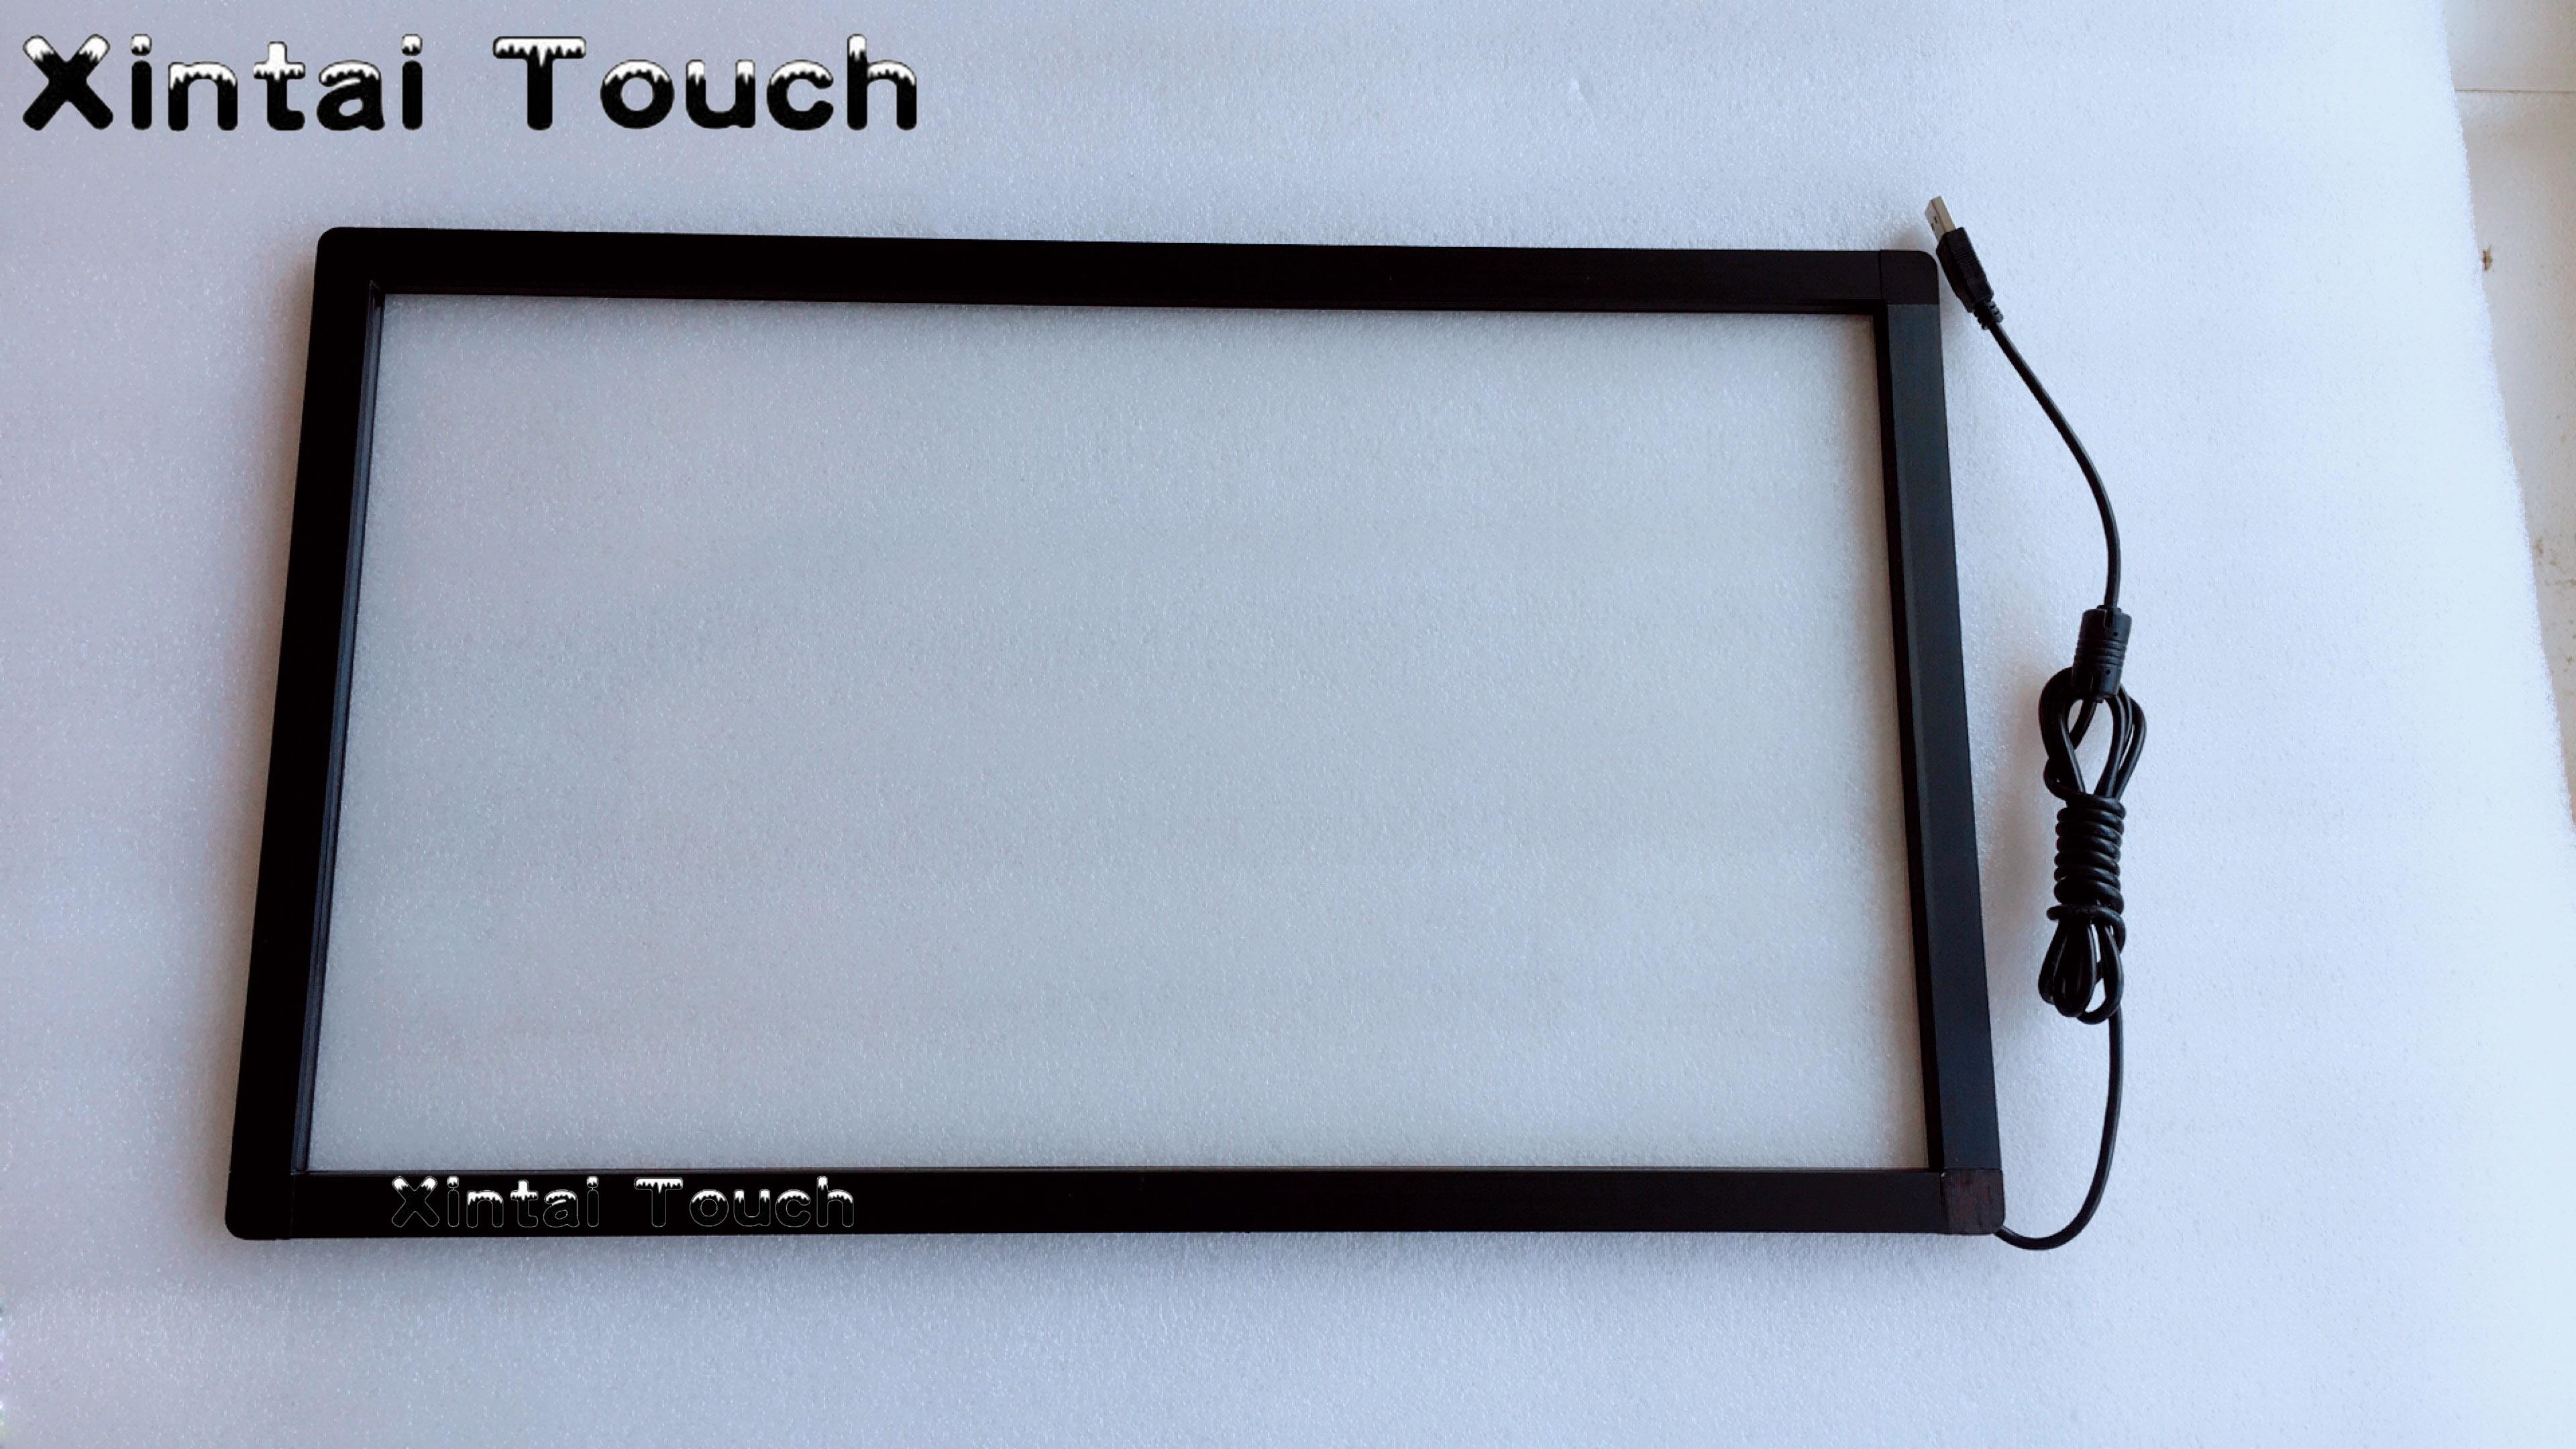 """40 polegada Sobreposição Infravermelho Painel Touch Screen com porta USB, 40 """"verdadeiramente 10 pontos interactvie IR moldura da tela de toque para o quiosque"""